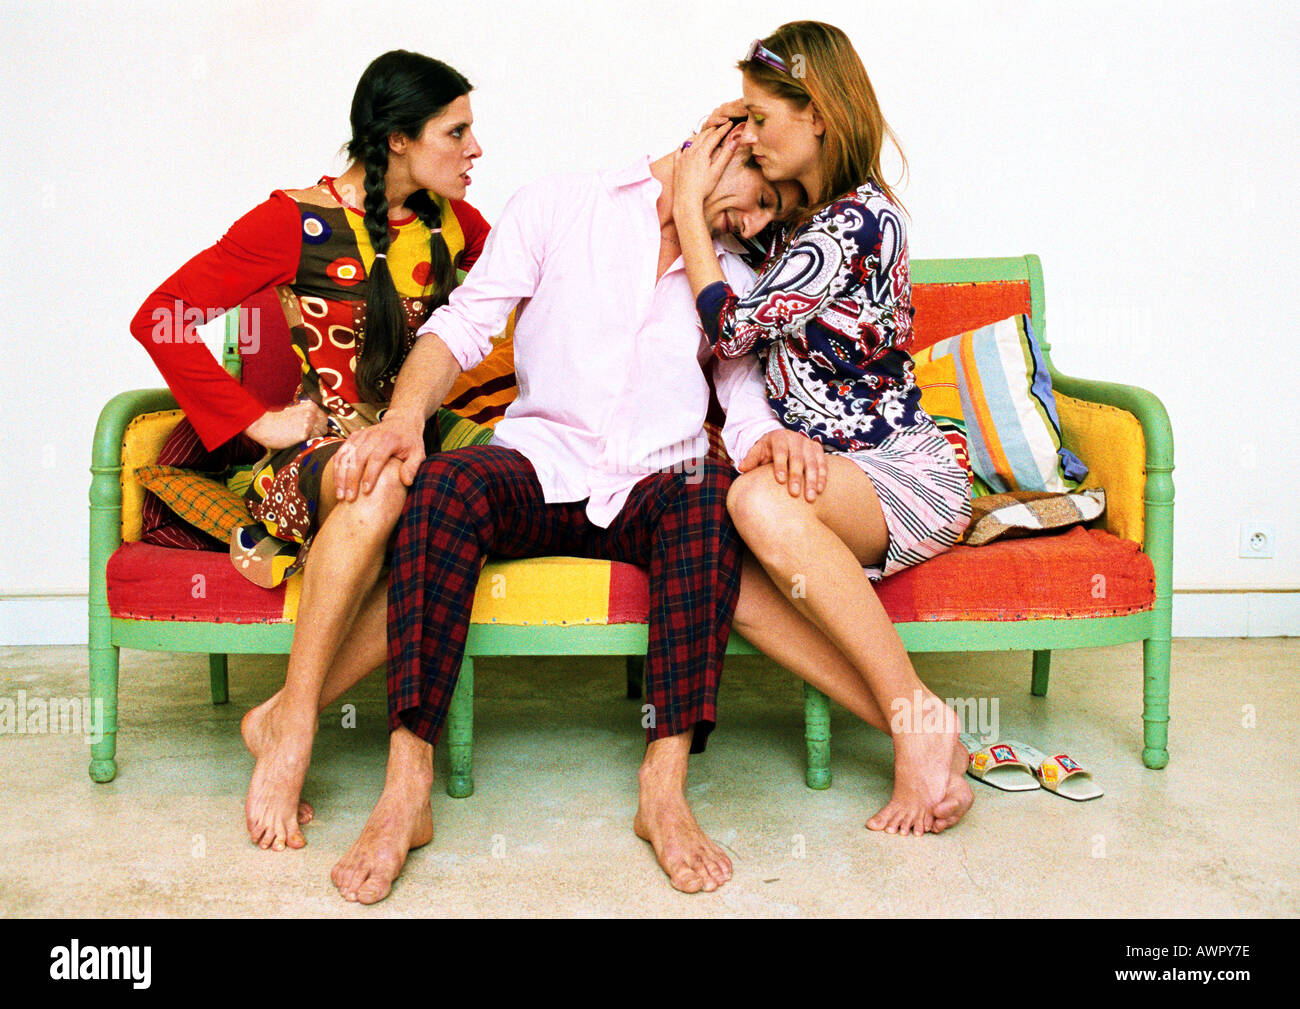 Dos mujeres y hombre en el sofá, el hombre la cabeza apoyada en el hombro de una mujer, otra mujer infeliz. Foto de stock